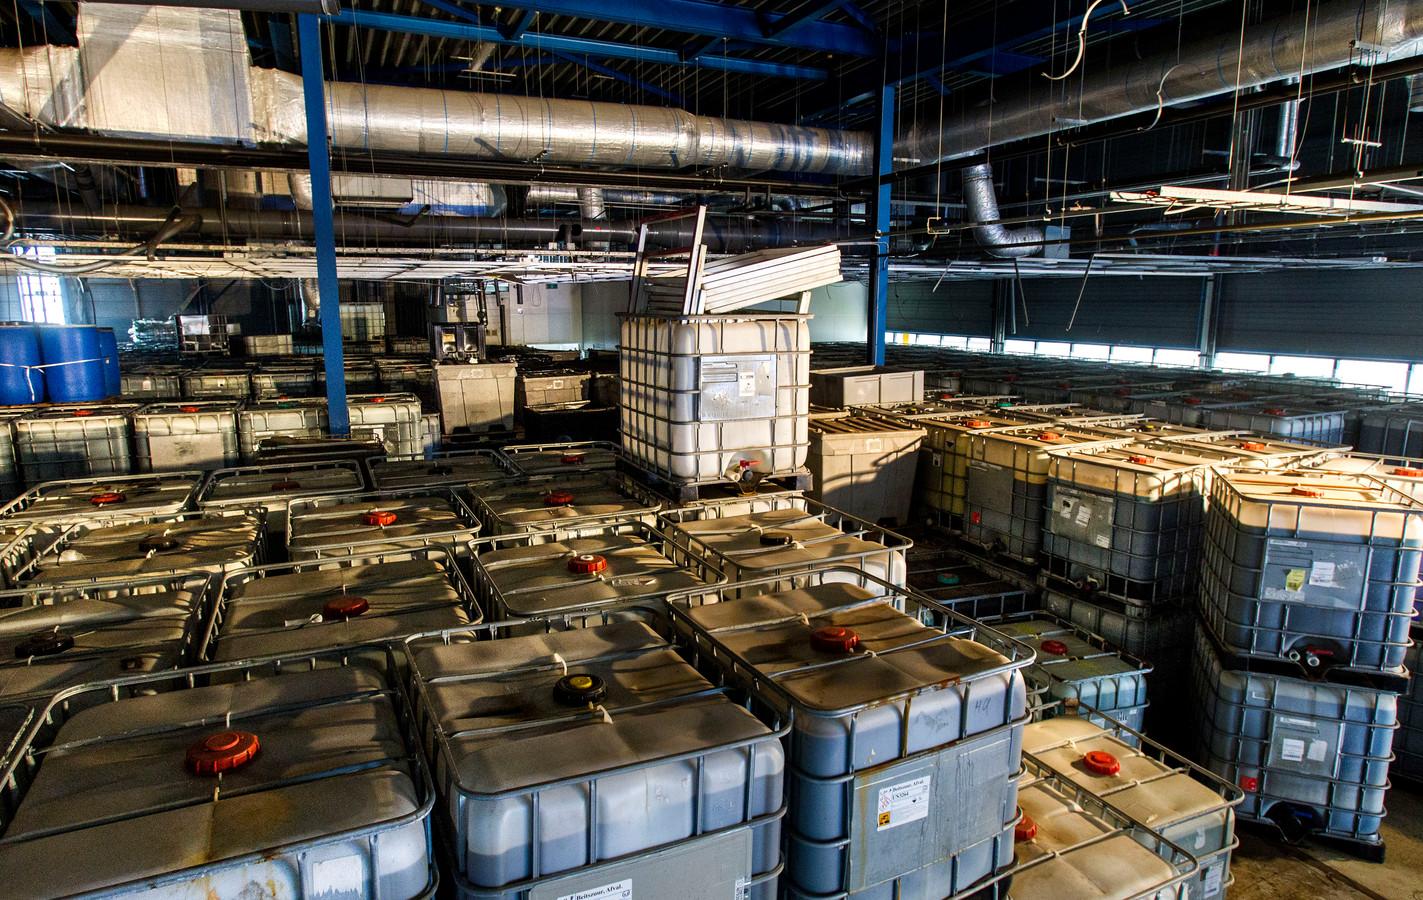 De illegale opslag van gevaarlijk chemisch afval in de loods aan de Lagedijk in Helmond.